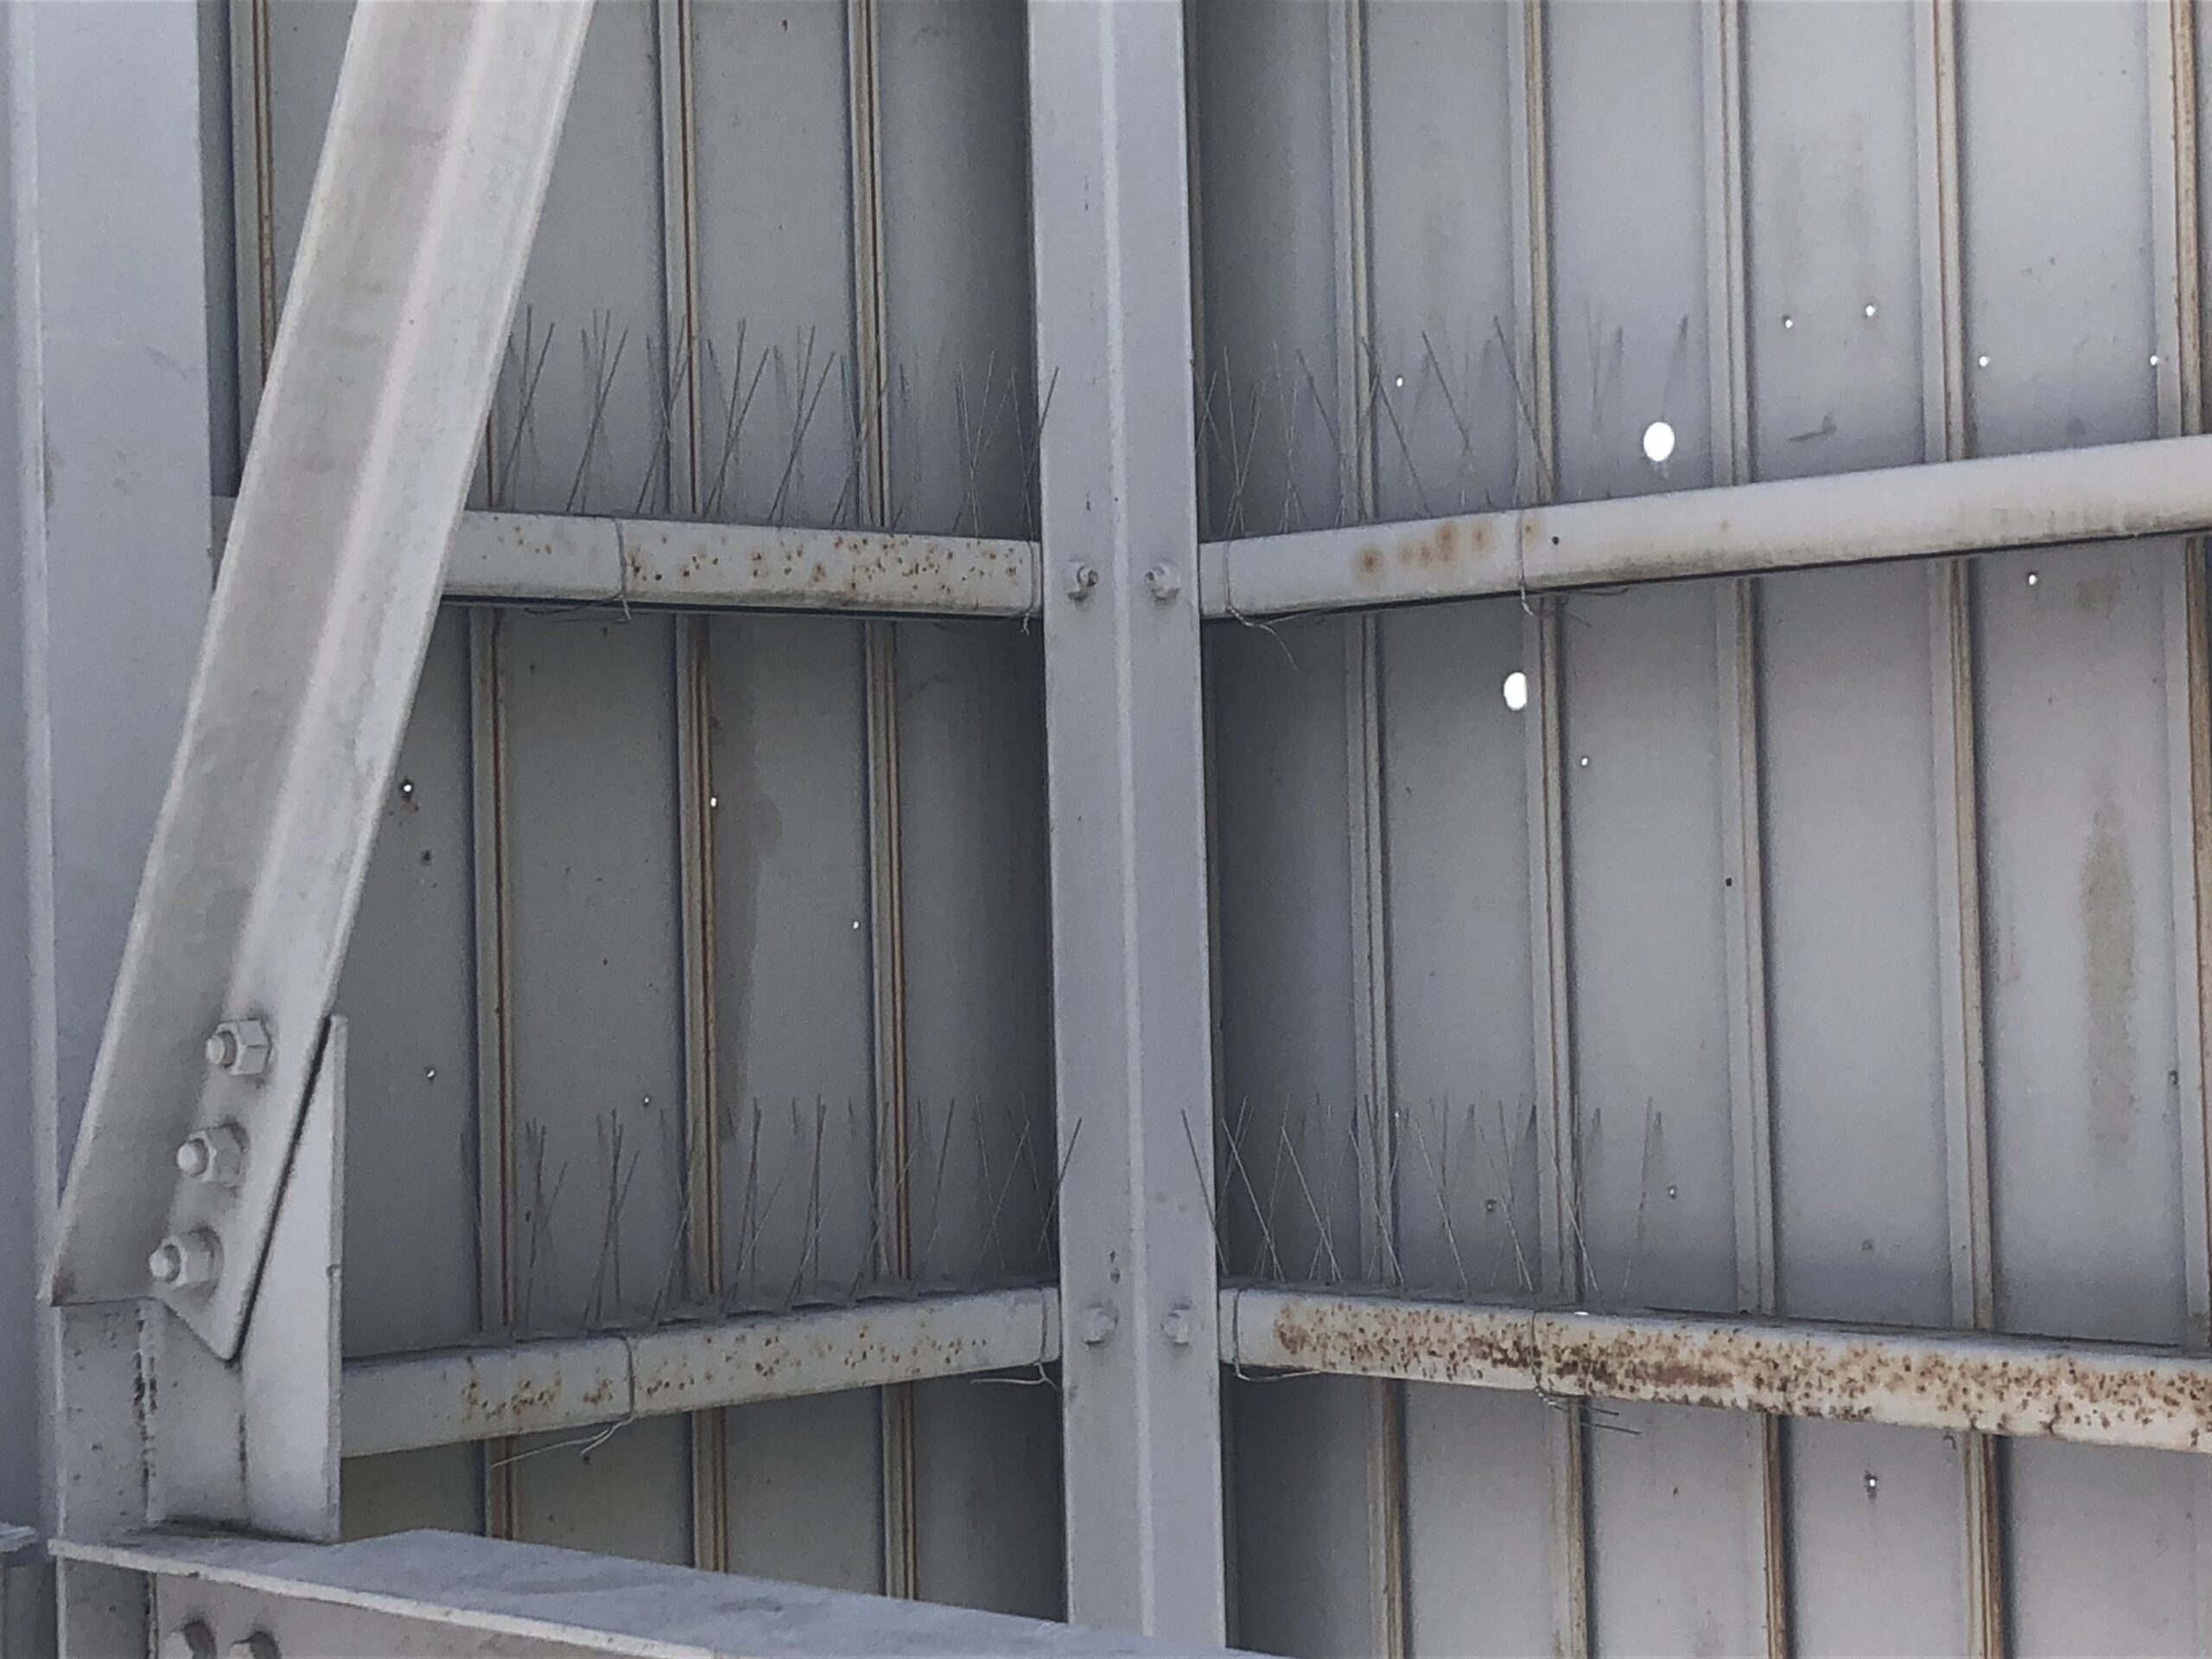 千葉県千葉市のH様のカラス駆除:施工後